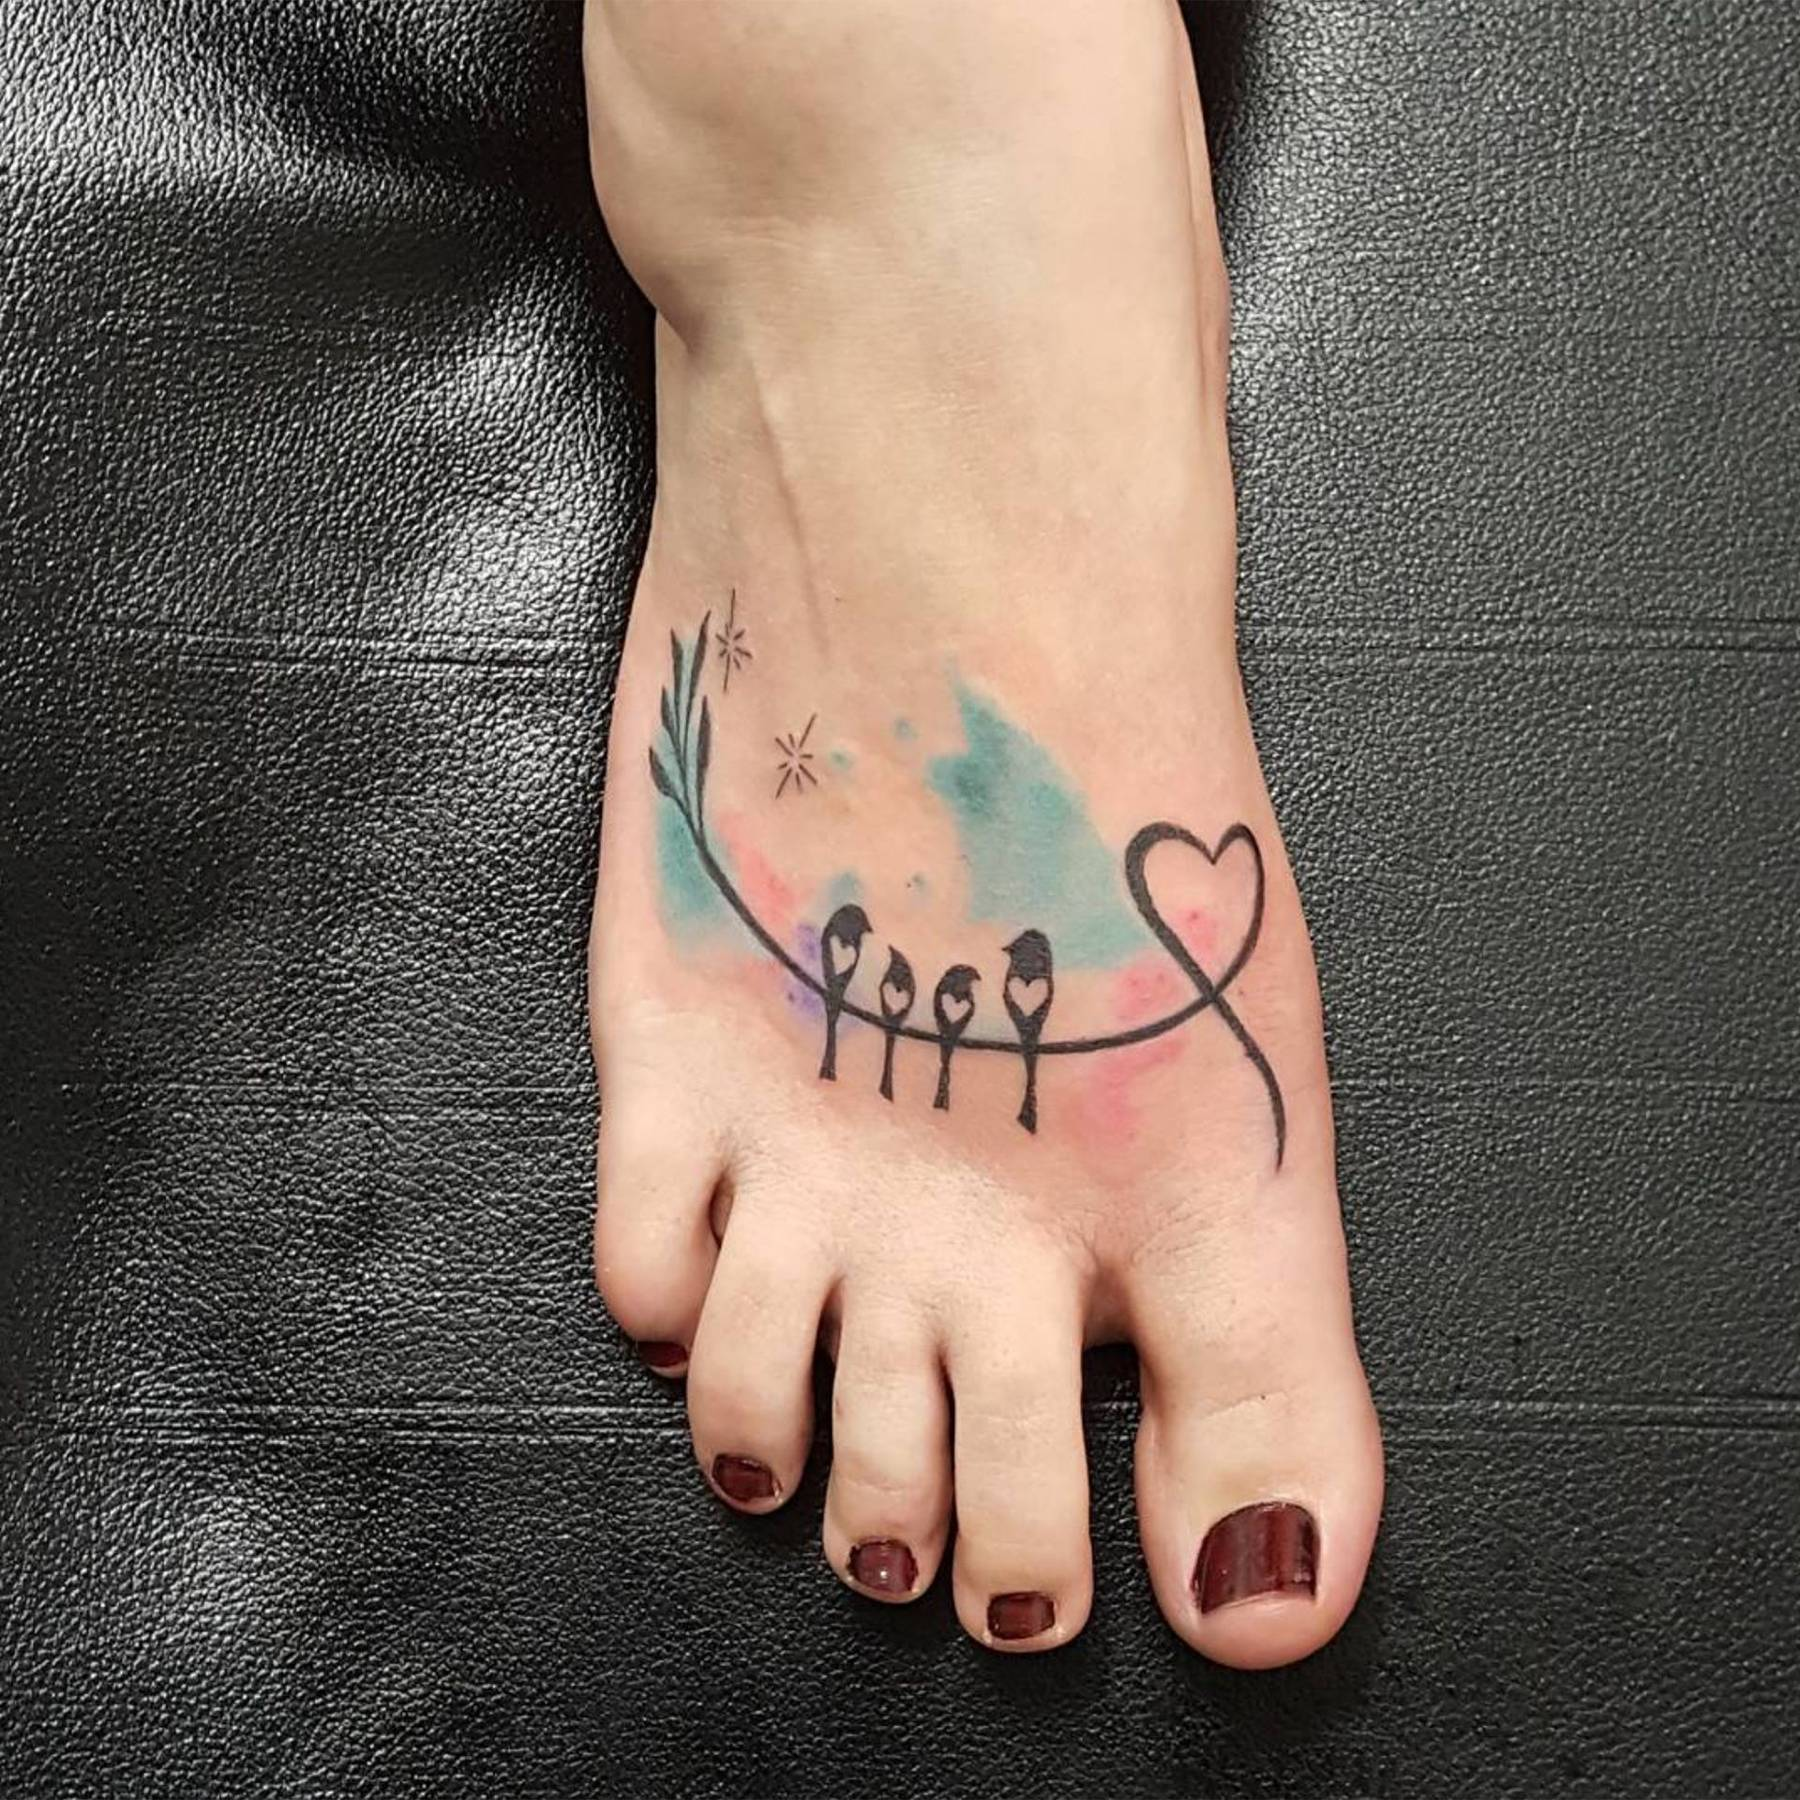 e7b6b1adf55a9 Colour tattoo design ideas - watercolour tattoos   Glamour UK